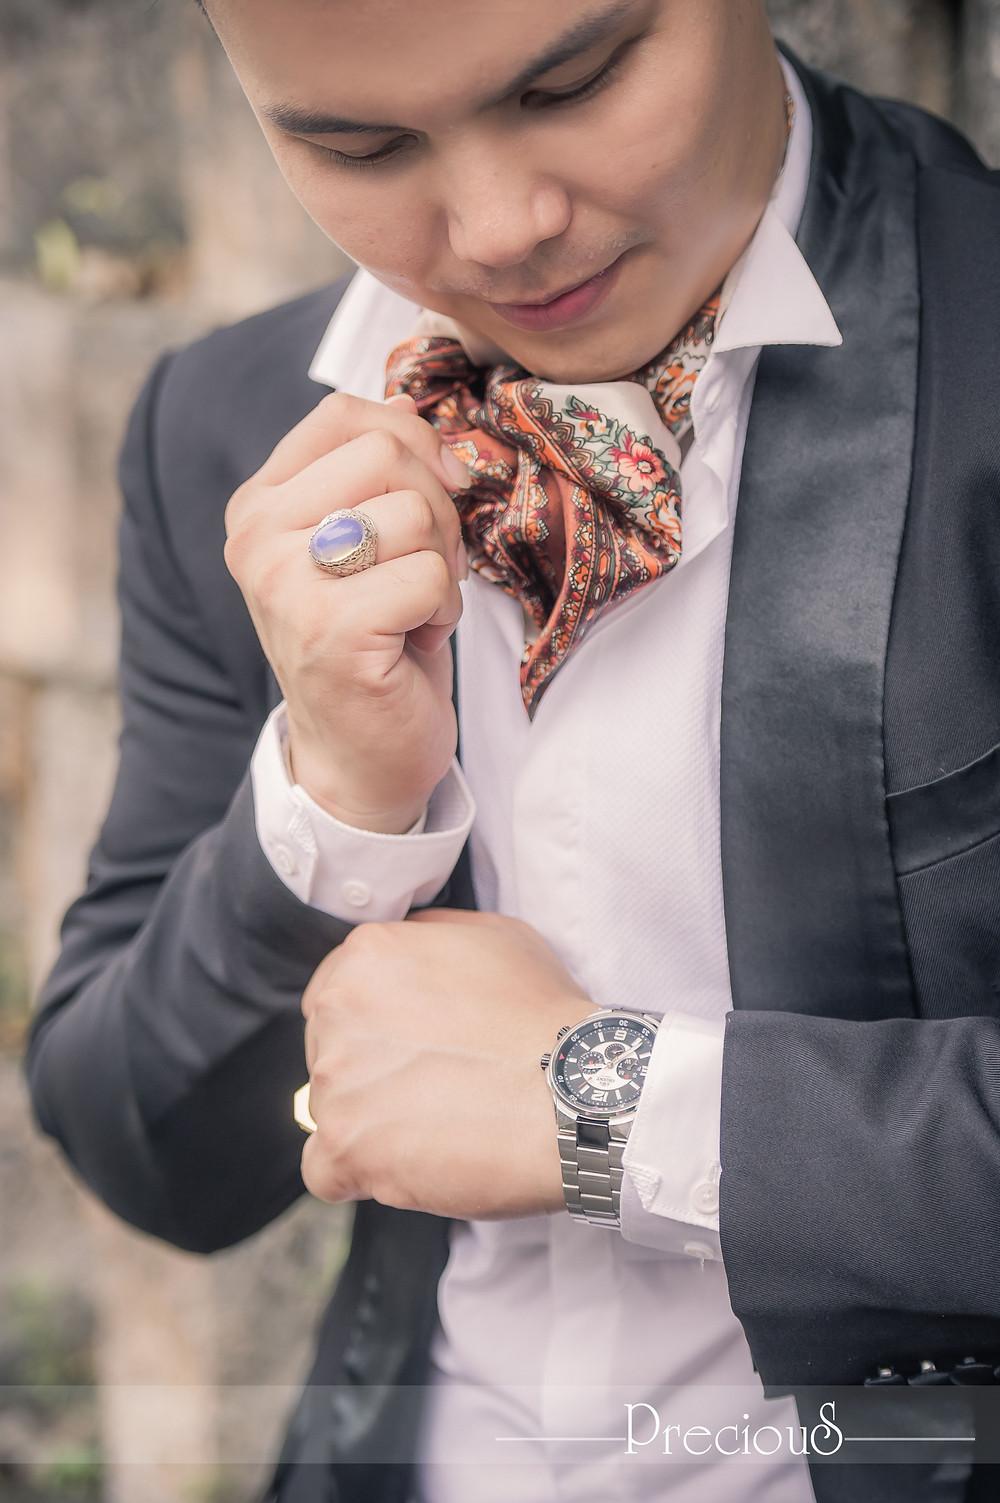 PRECIOUS WEDDING | Groom Fashion Style